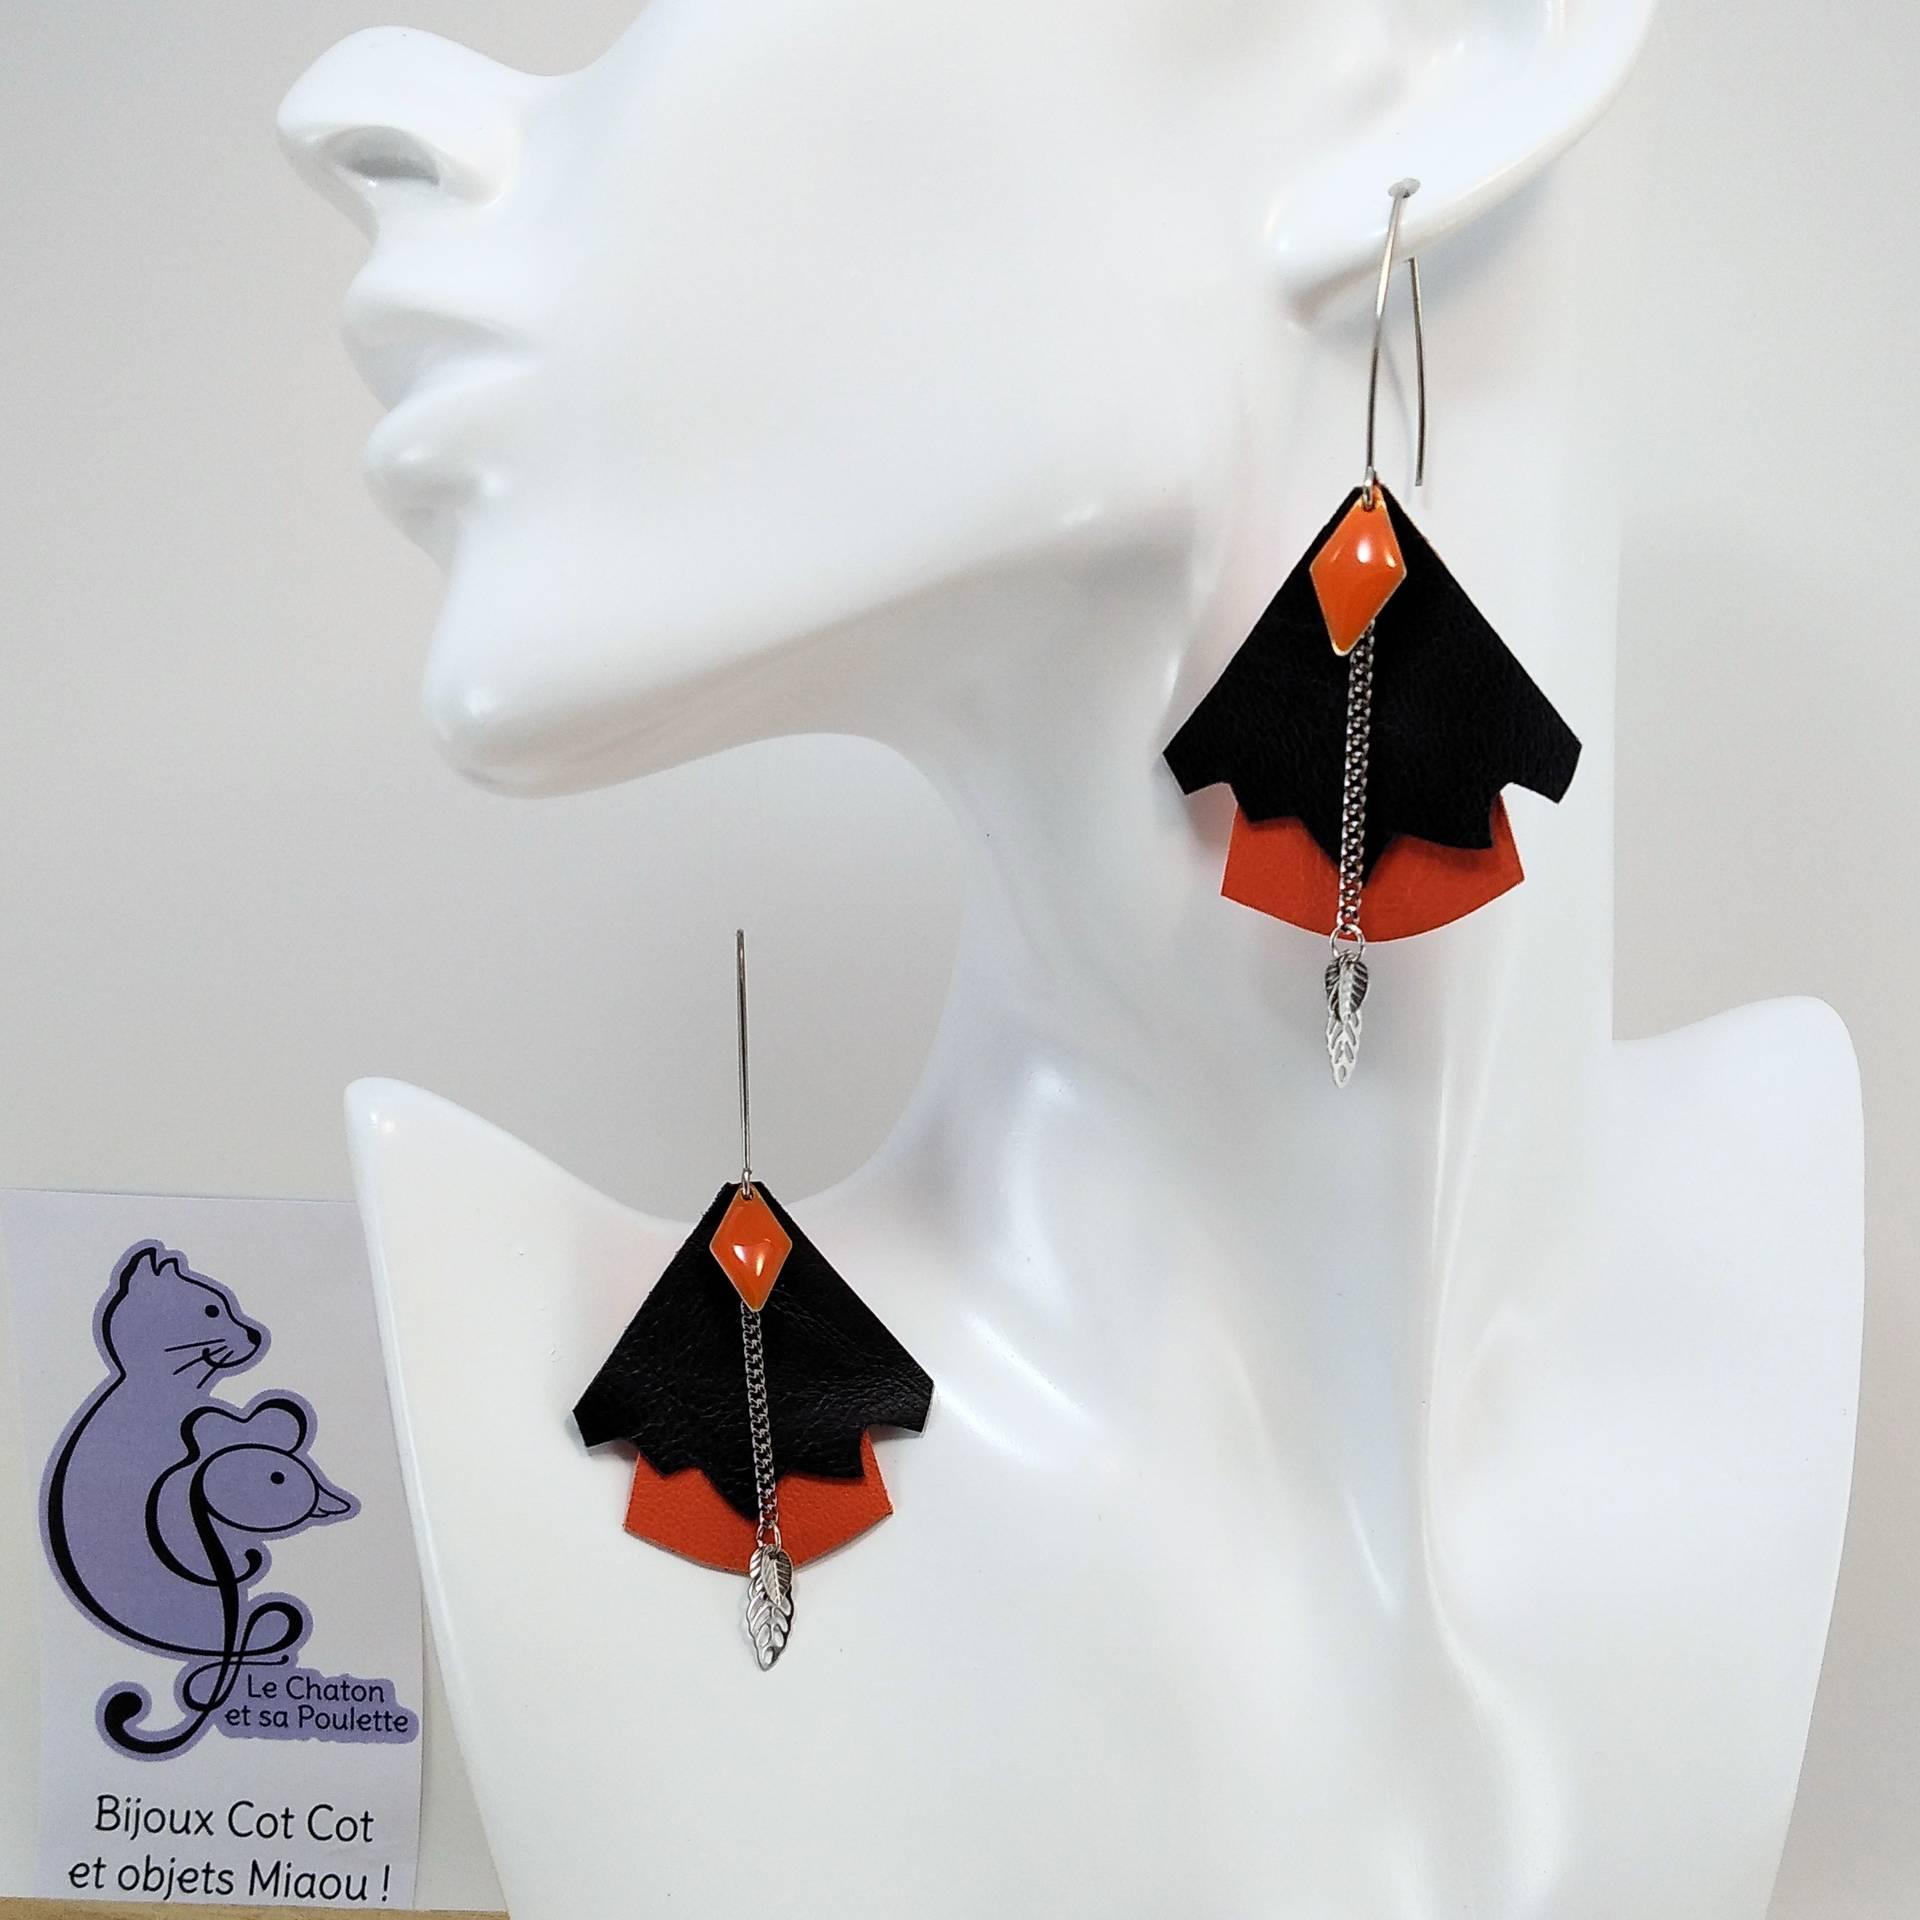 BO FORMIDABLE modèle n°5 Cuirs noir et orange, breloque diamant orange